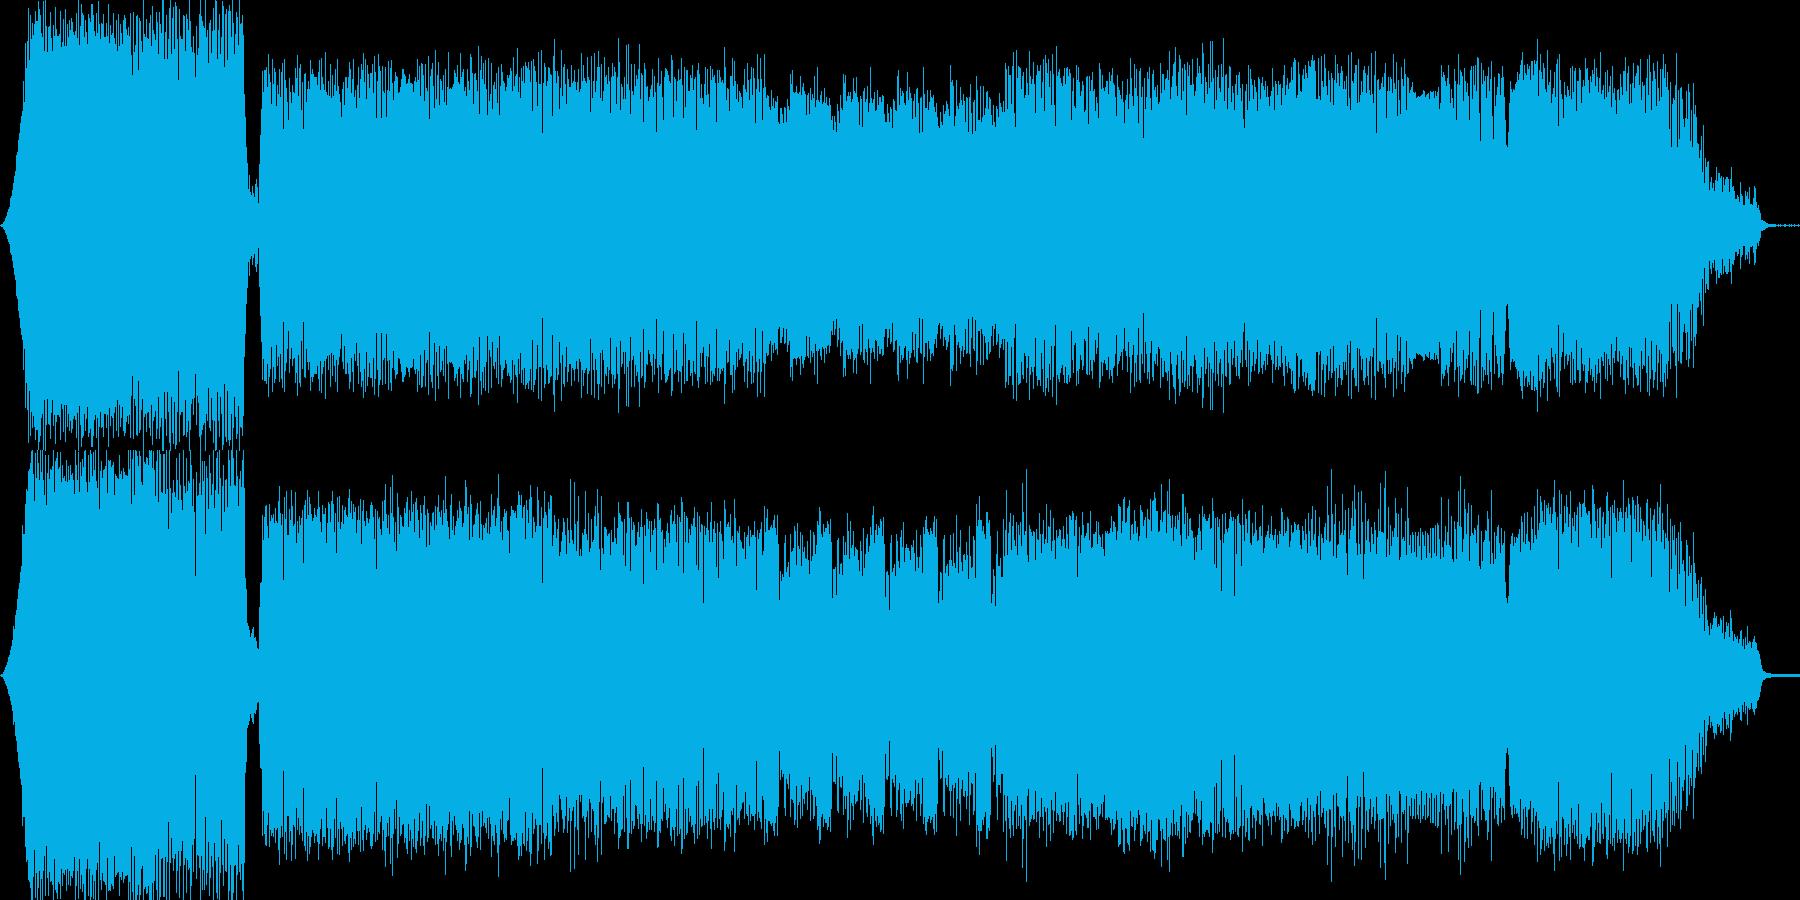 かっこいいテクノミュージックの再生済みの波形